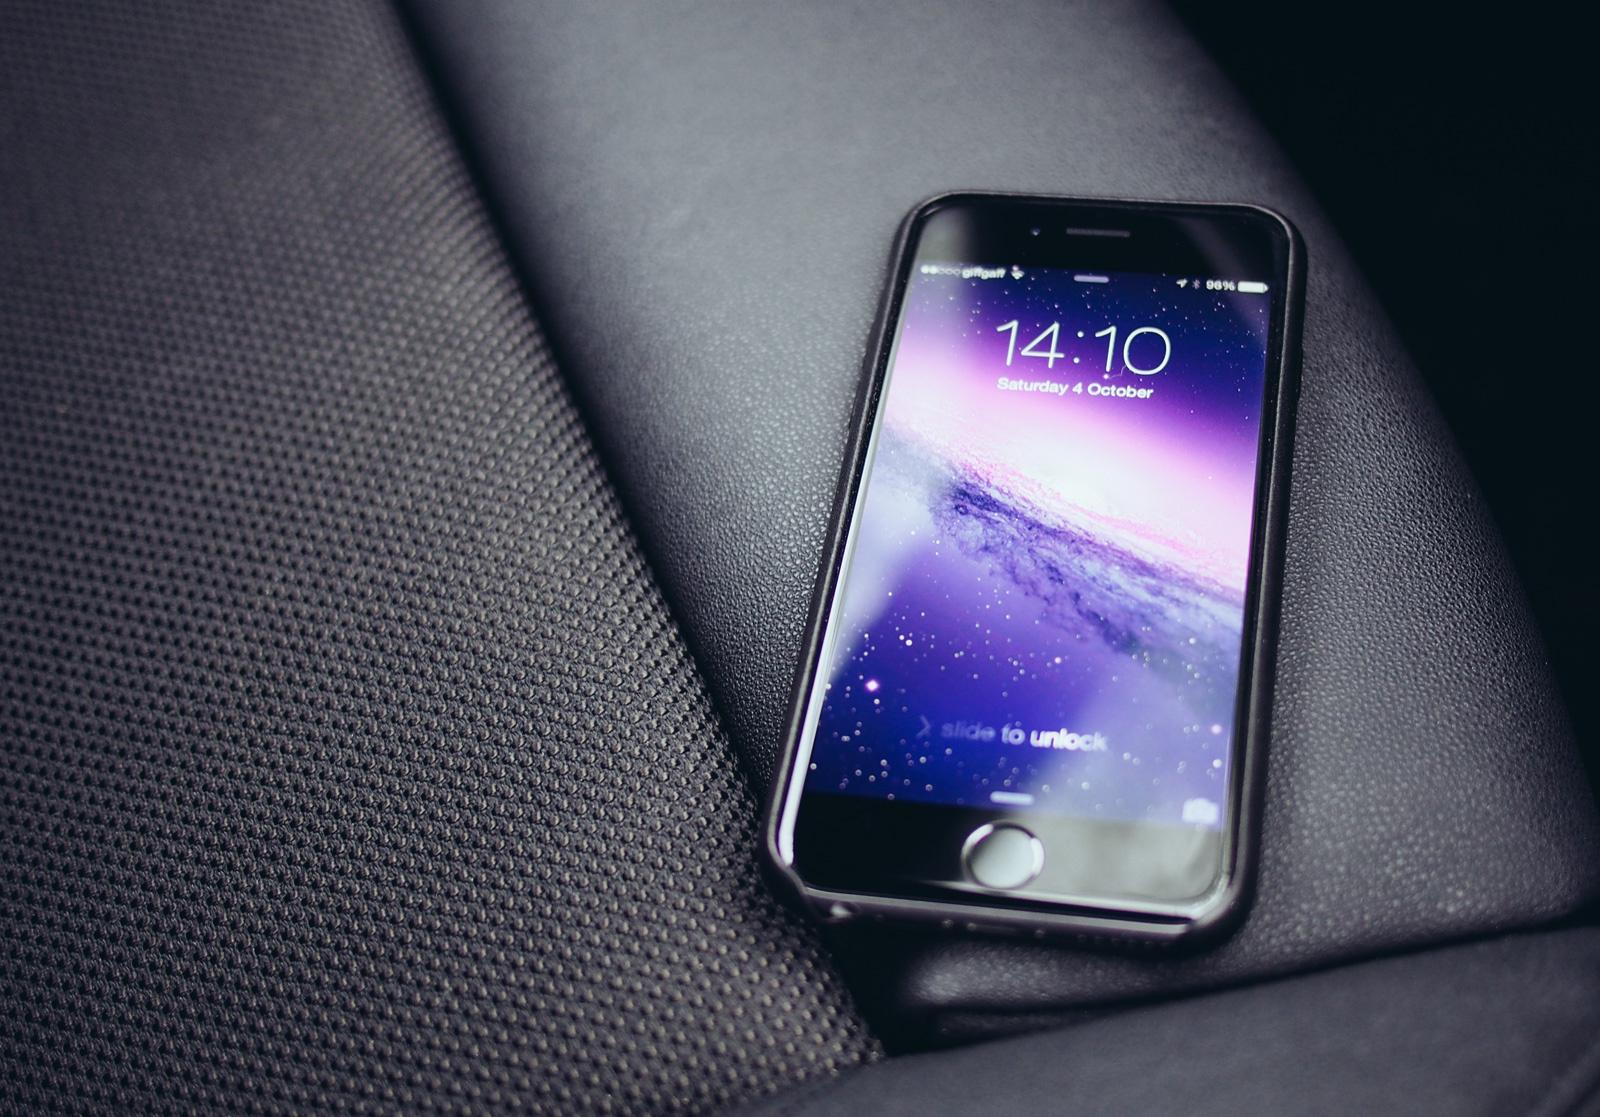 Աշխարհում ամենից շատ վաճառվող սմարթֆոնը iPhone 7-ն է